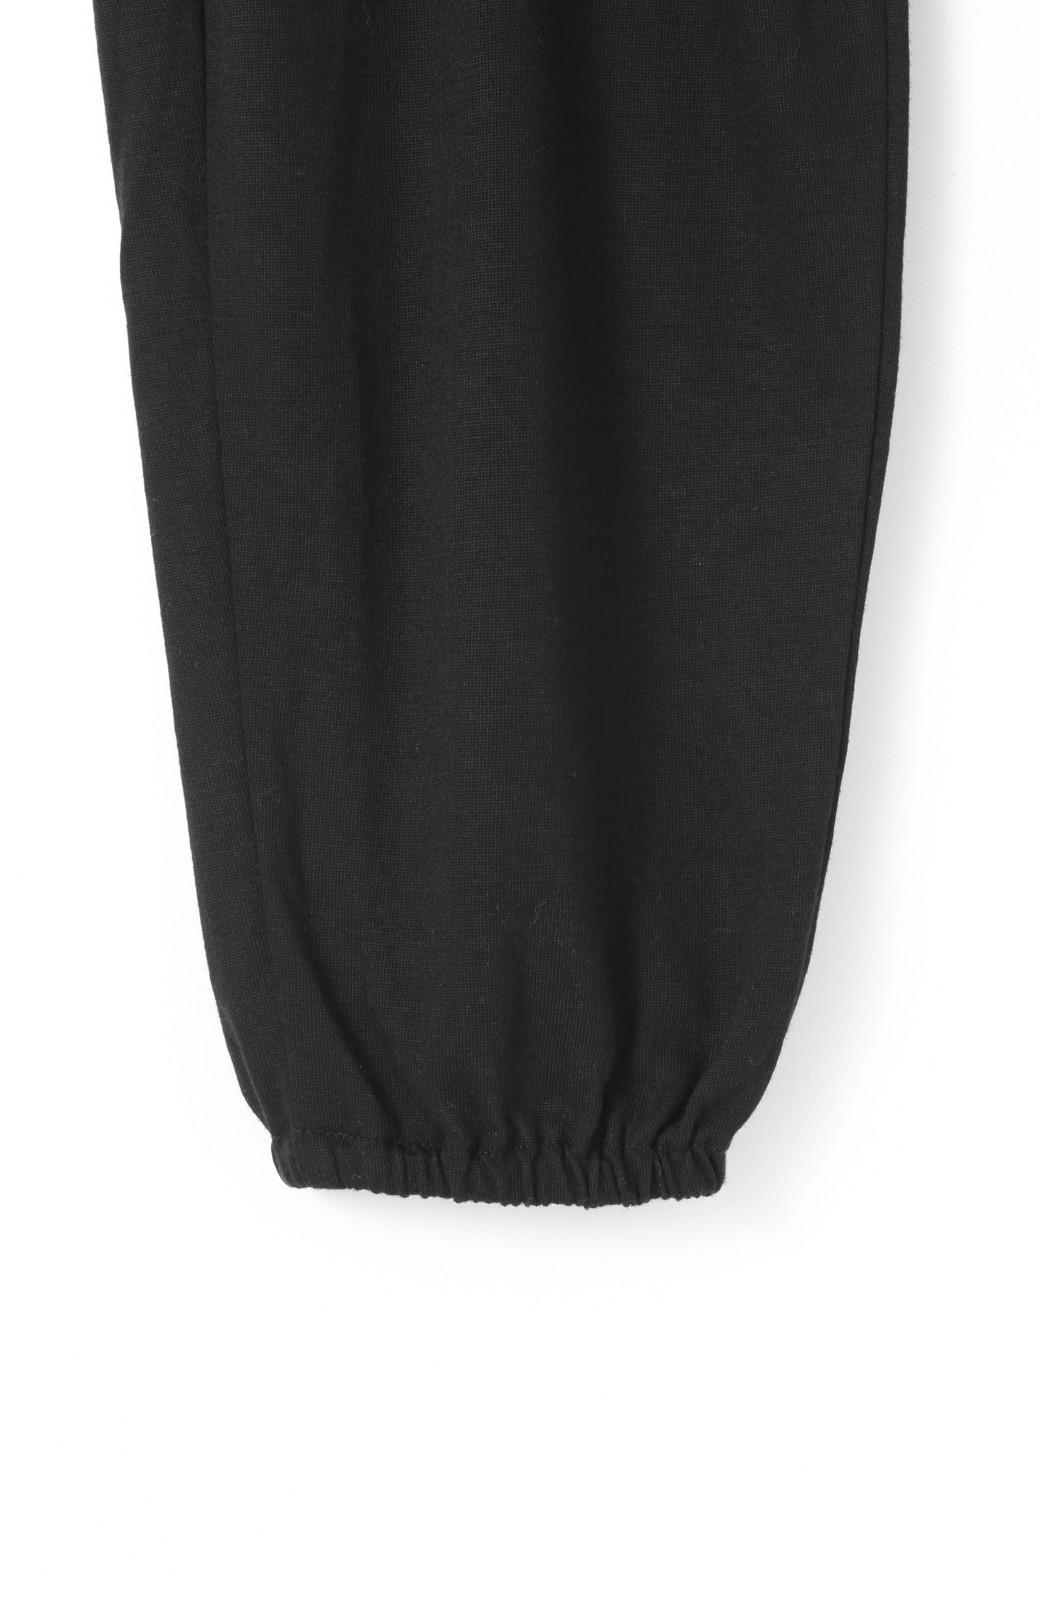 haco! 旅の救世主!3泊4日のキャミオールインワン&ゆったりTシャツセット <ブラック>の商品写真5